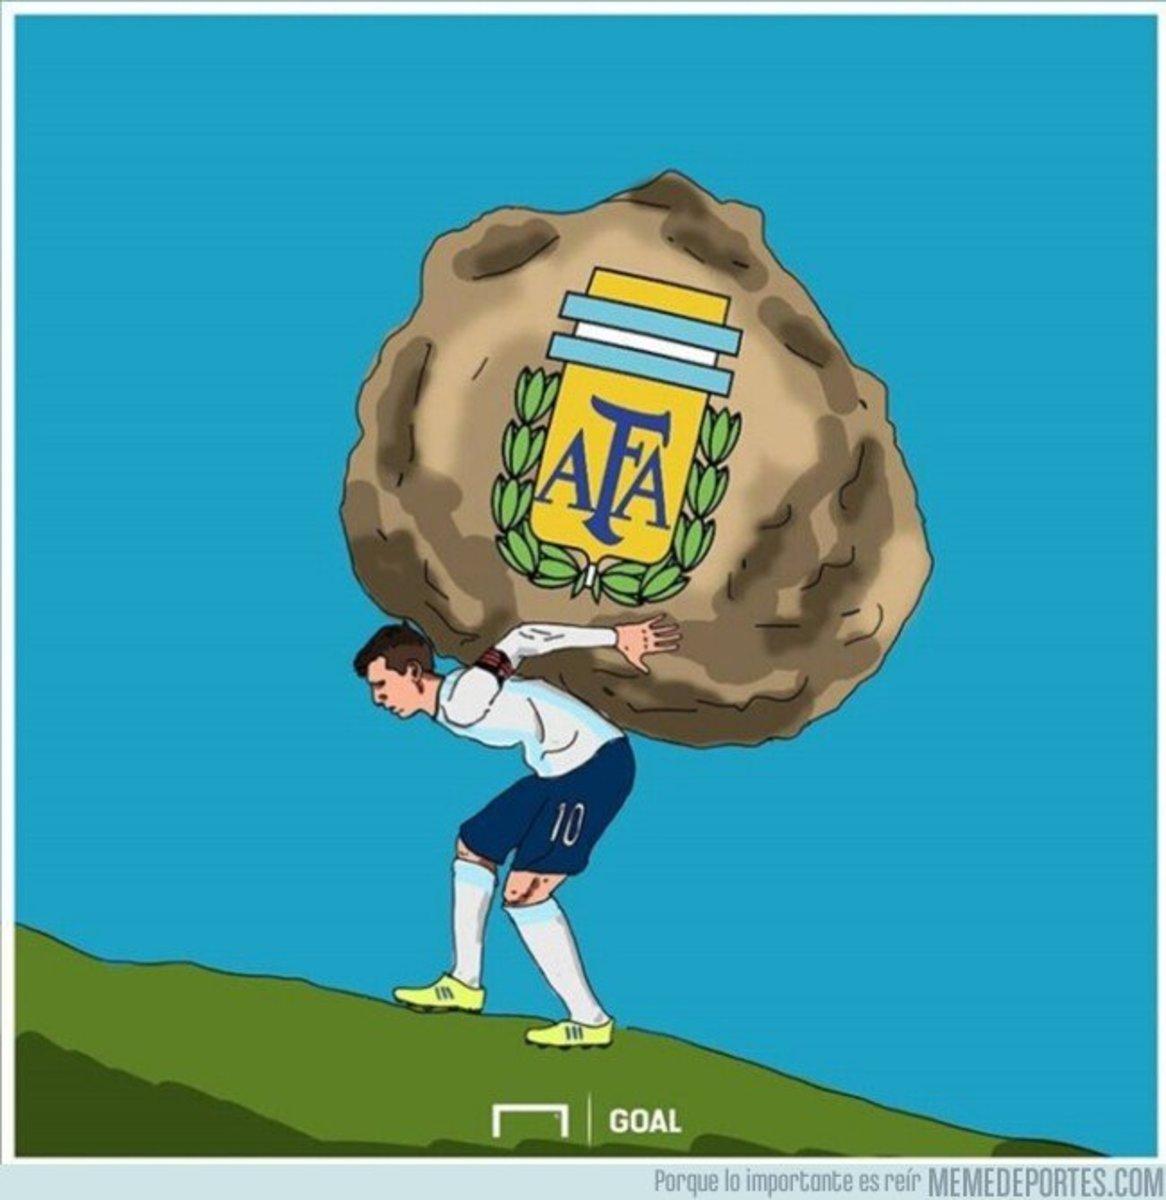 1069338 - Messi carga con una losa demasiado pesada, por @goalenespanol